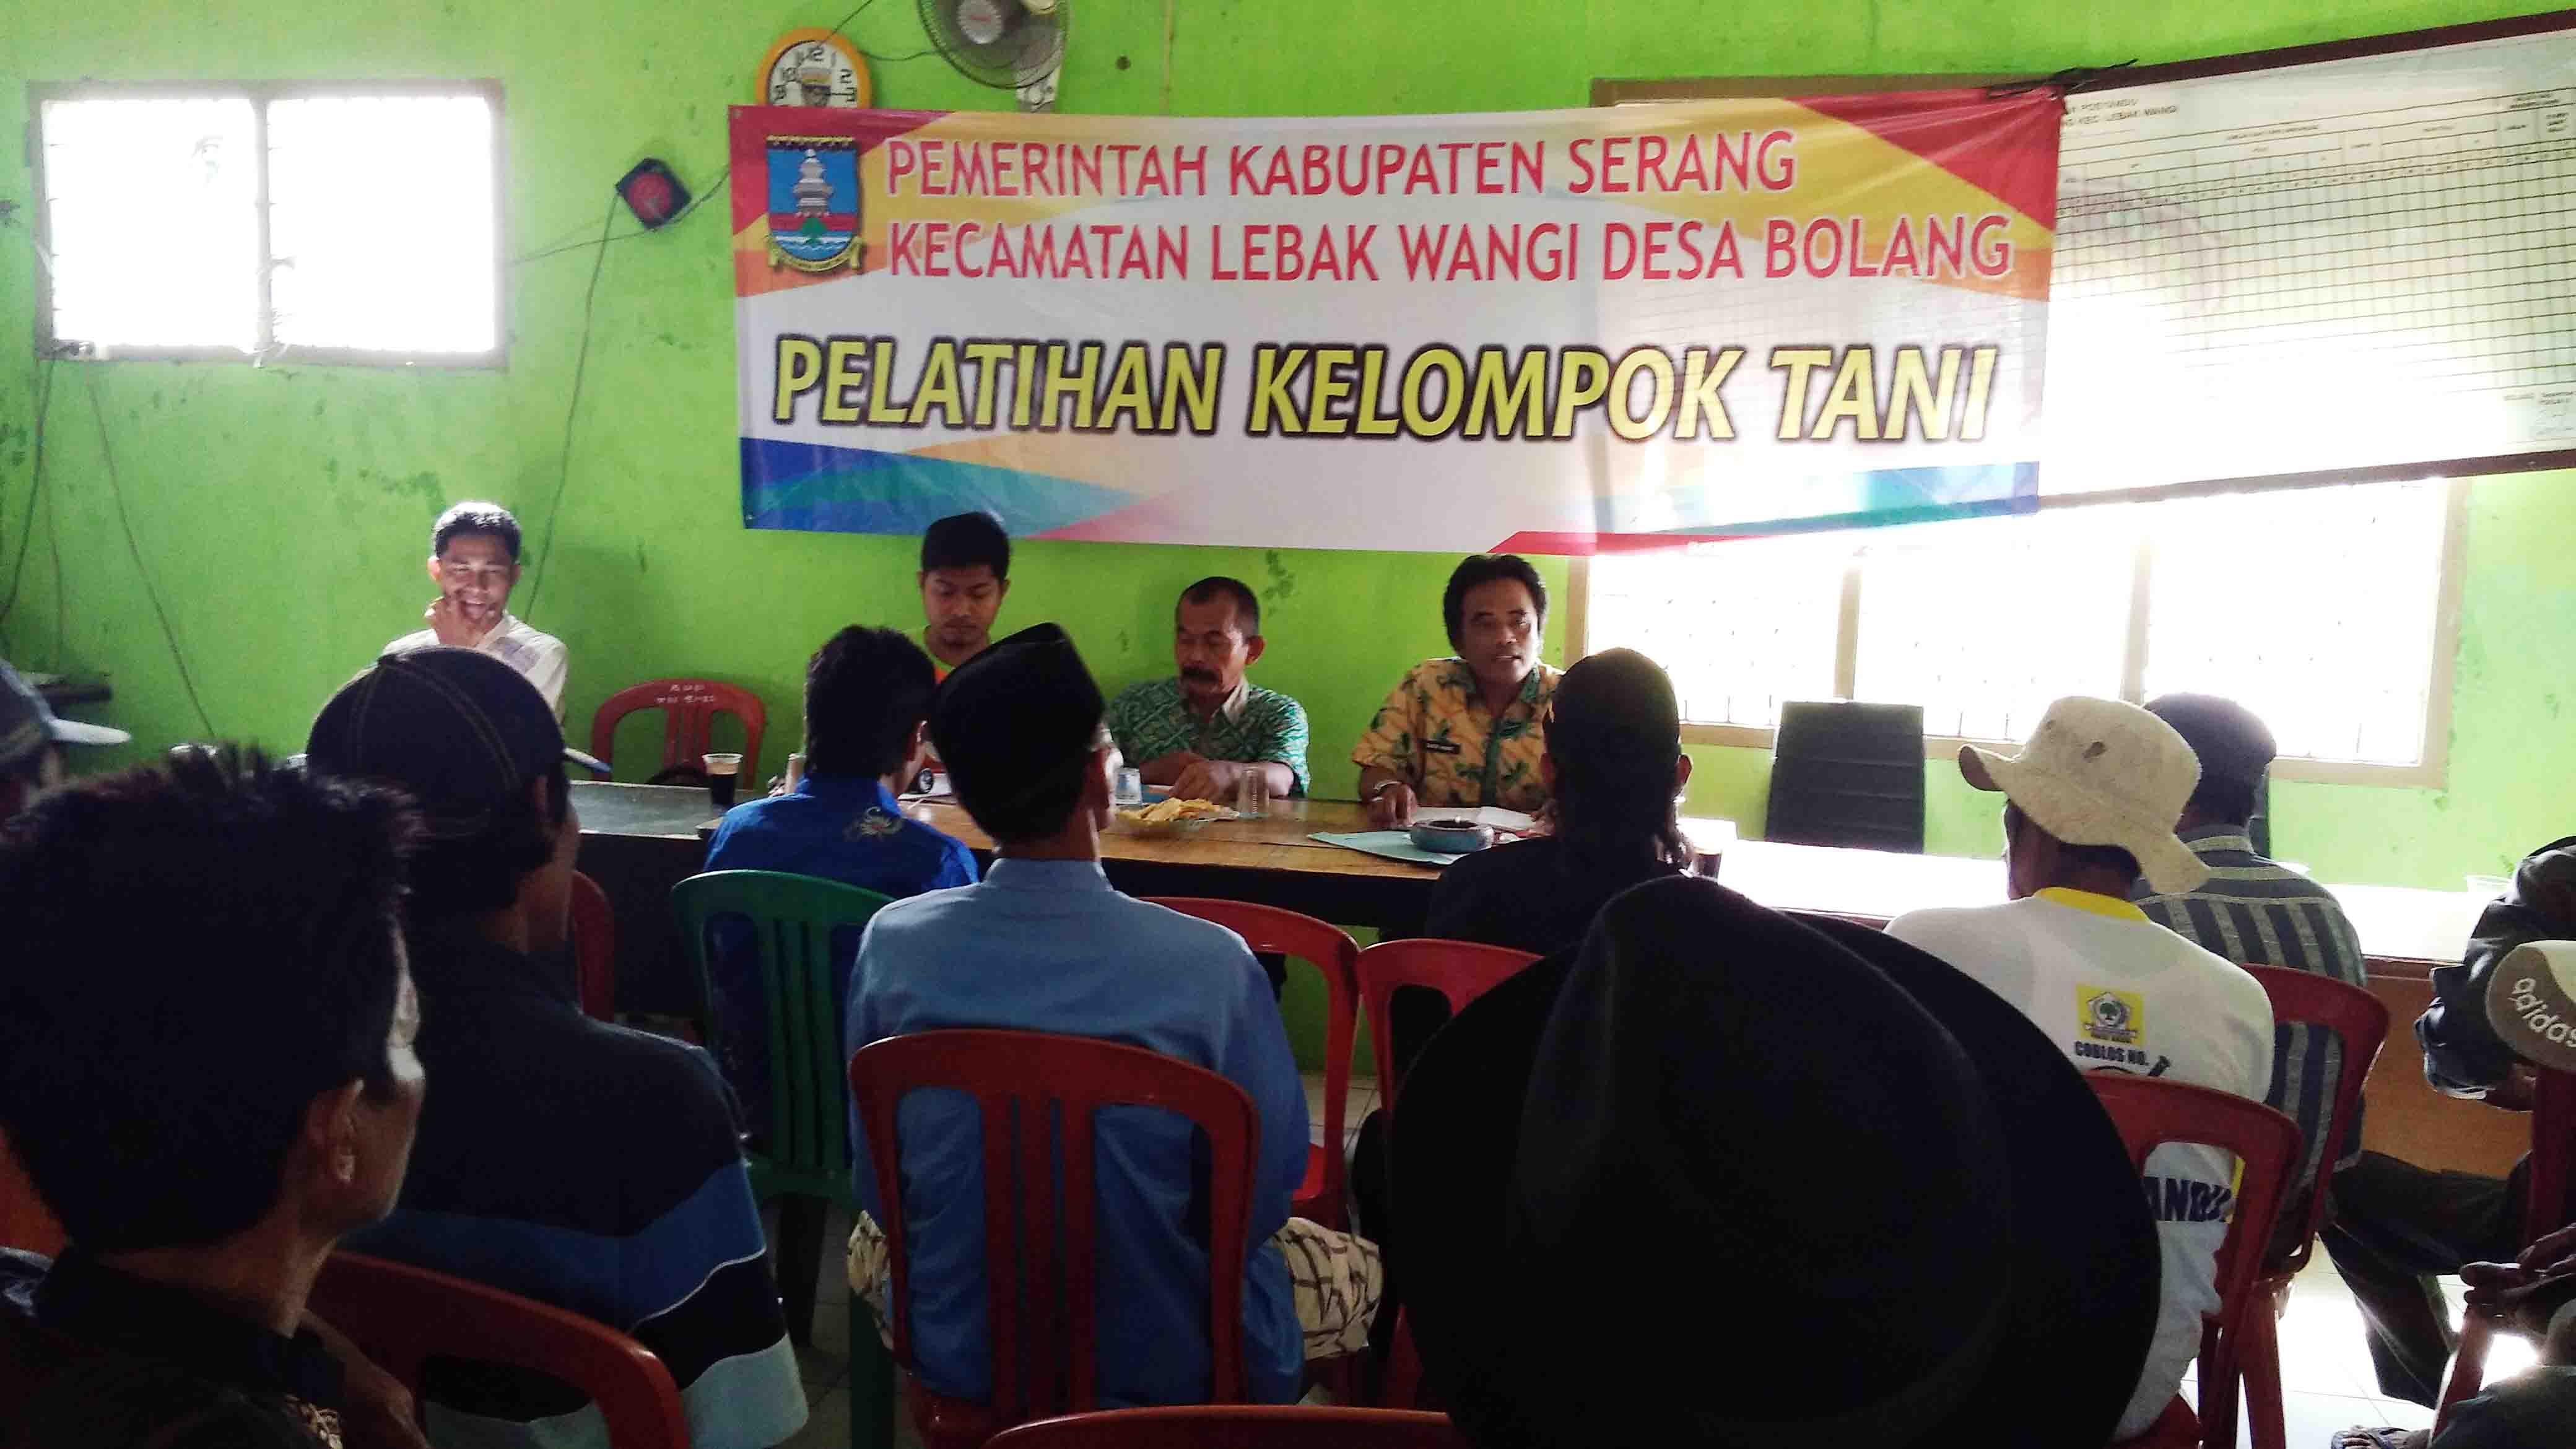 Balai Desa Bolang Lebak Wangi Adakan Pelatihan Pertanian